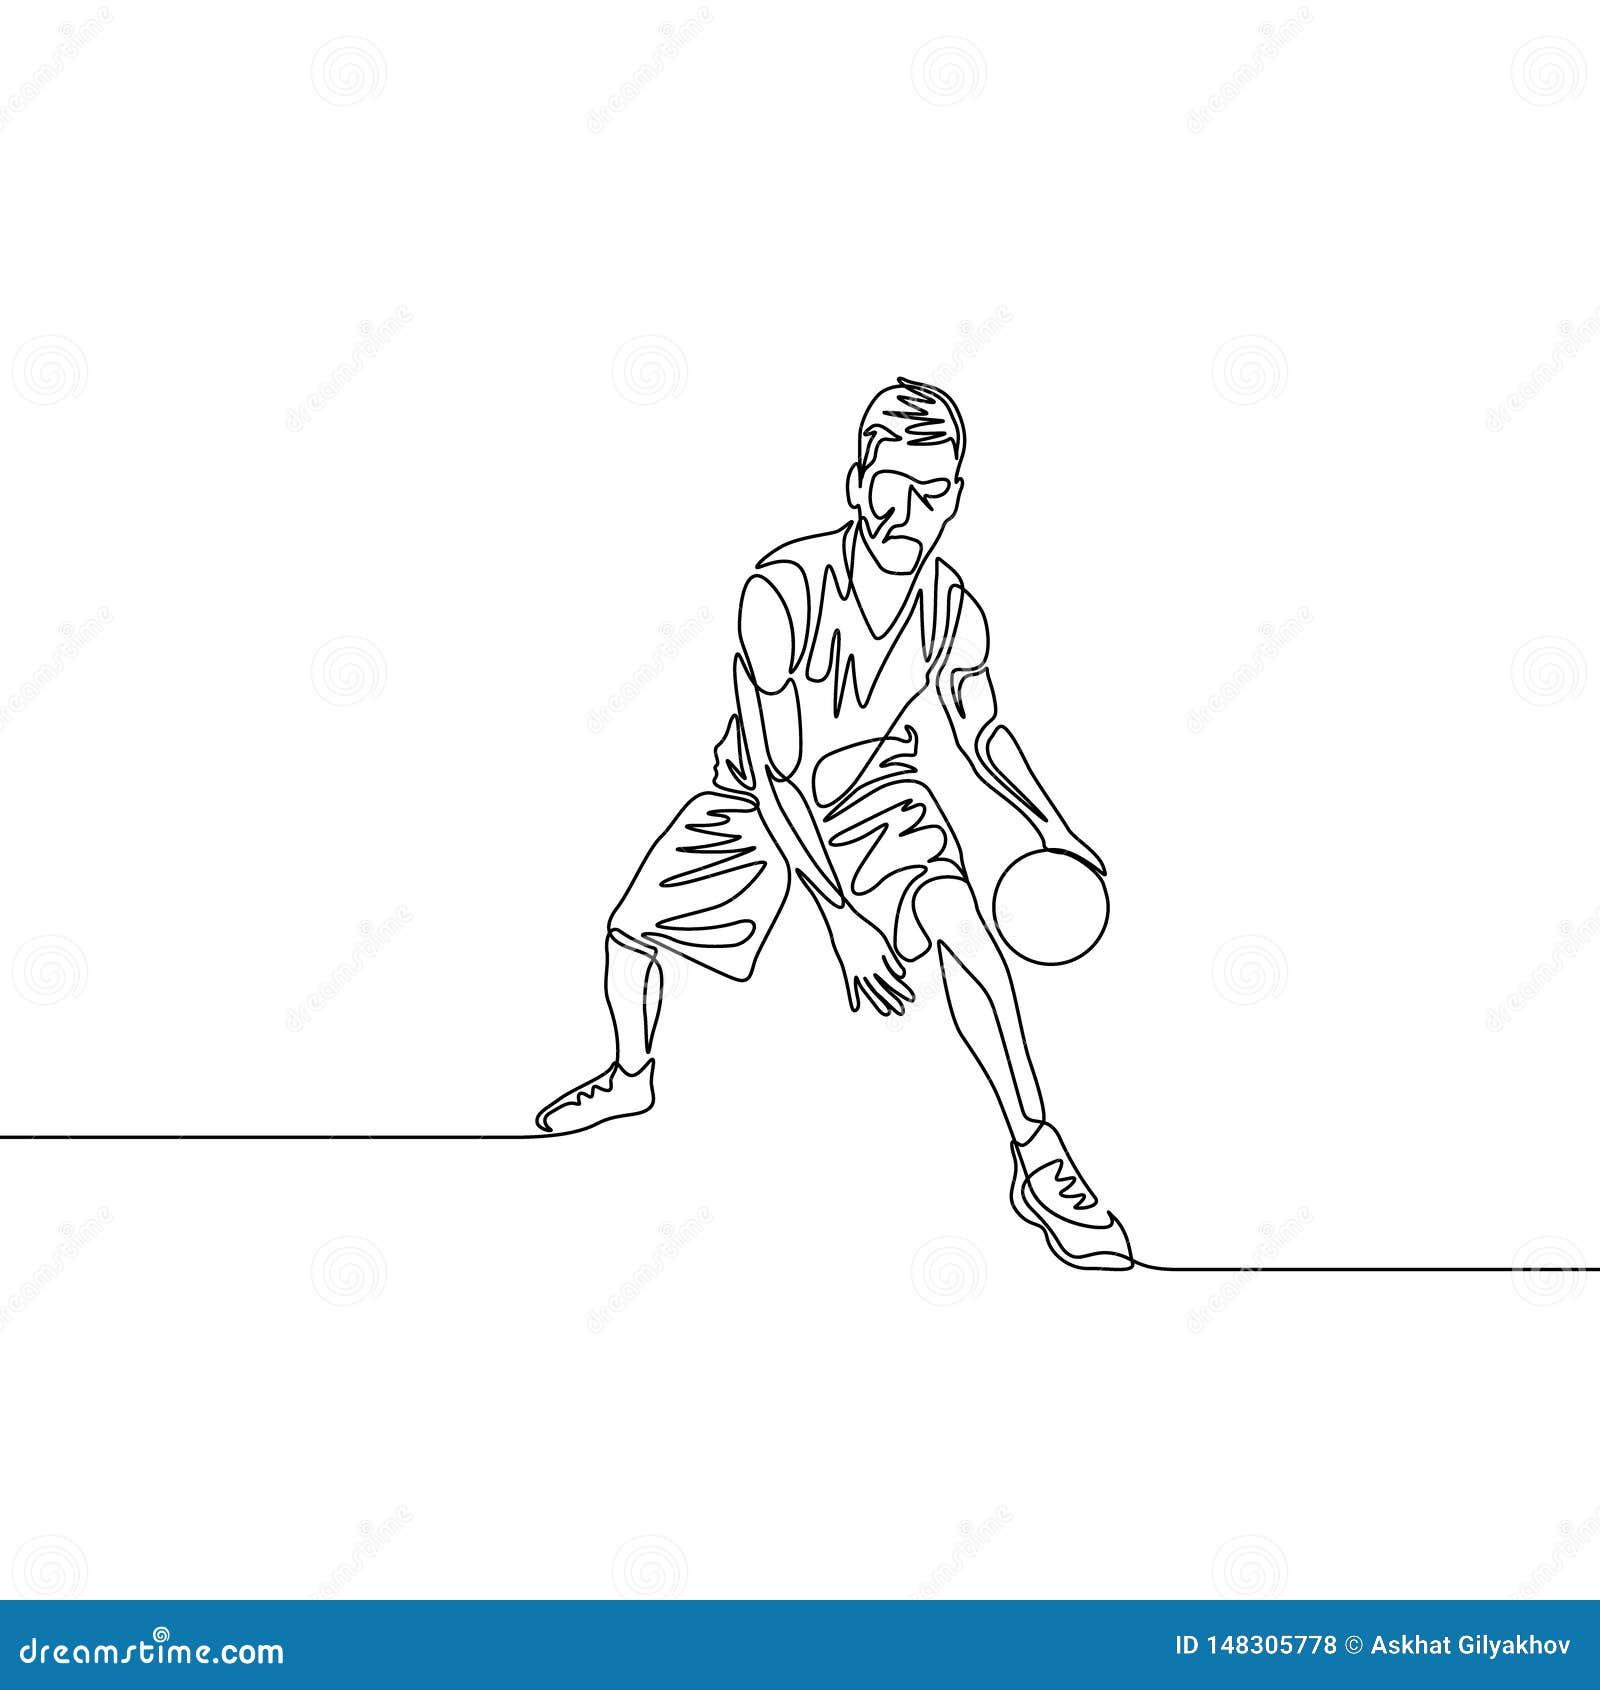 Ununterbrochenes der tröpfelnde Federzeichnungsbasketball-spieler führt den Ball zwischen seine Beine